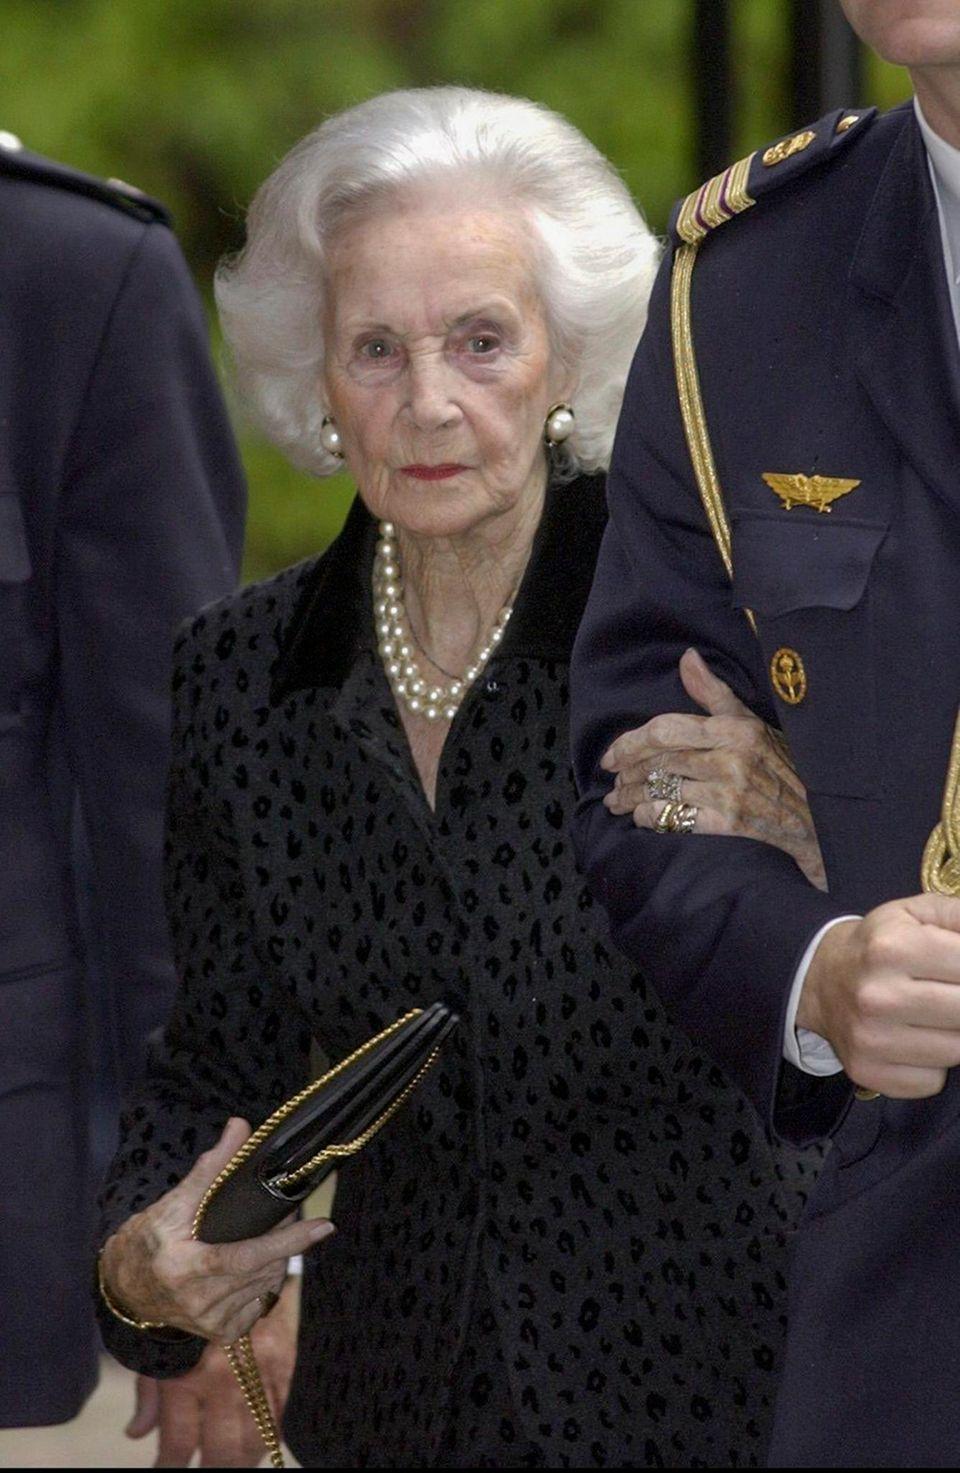 Die schwedische Prinzessin Lilian in einer Archivaufnahme aus dem Jahr 2003.